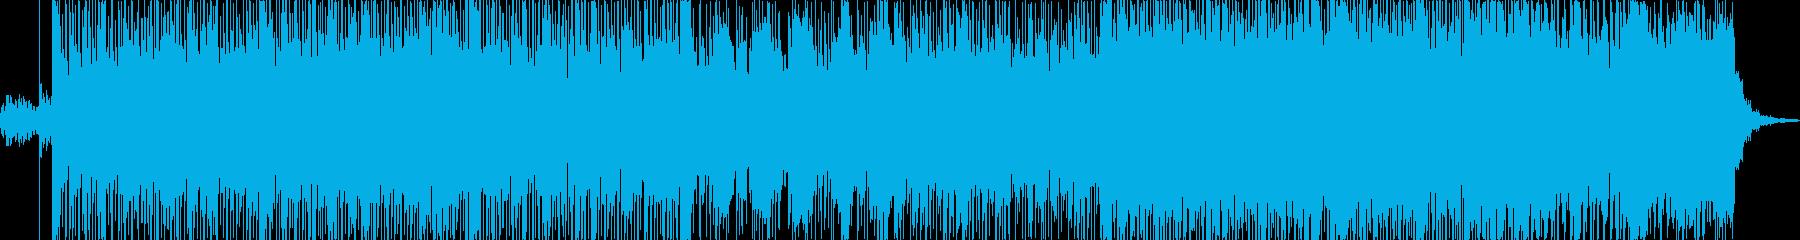 いえ サスペンス アクション 技術...の再生済みの波形